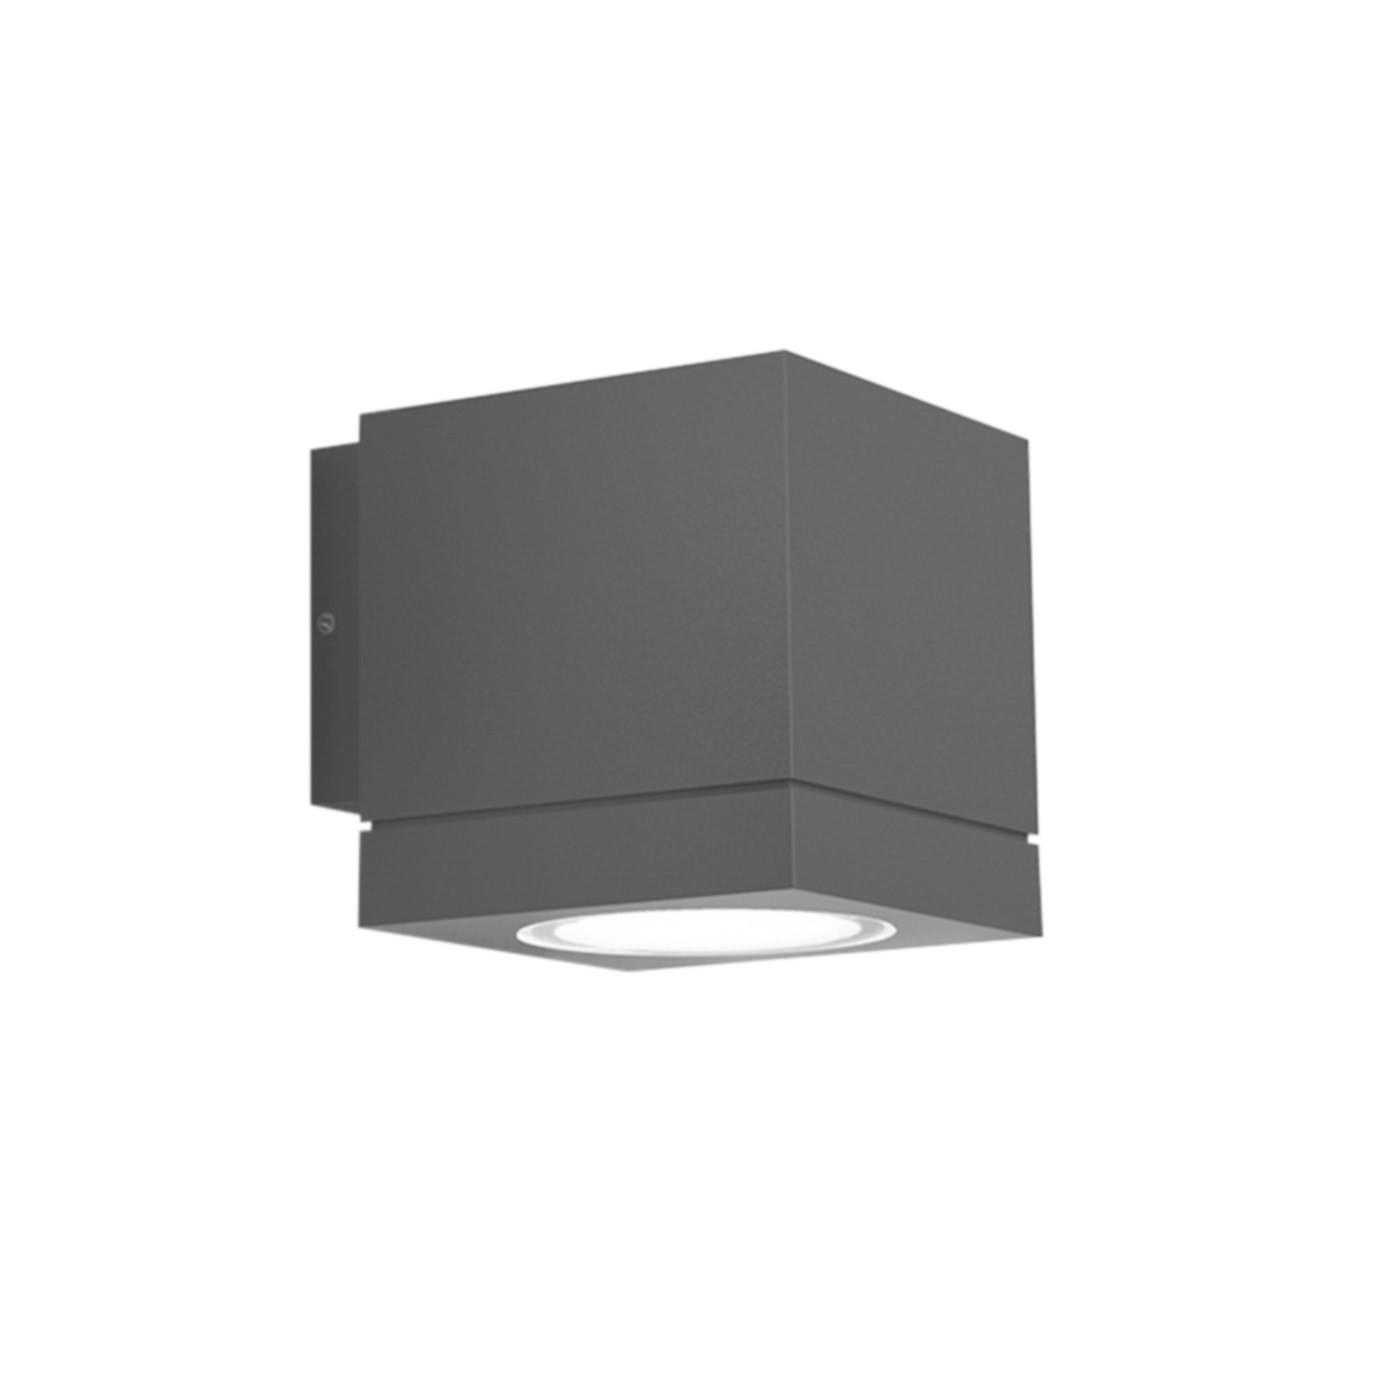 Wever & Ducré Tube Carré 1.0 LED Wandleuchte